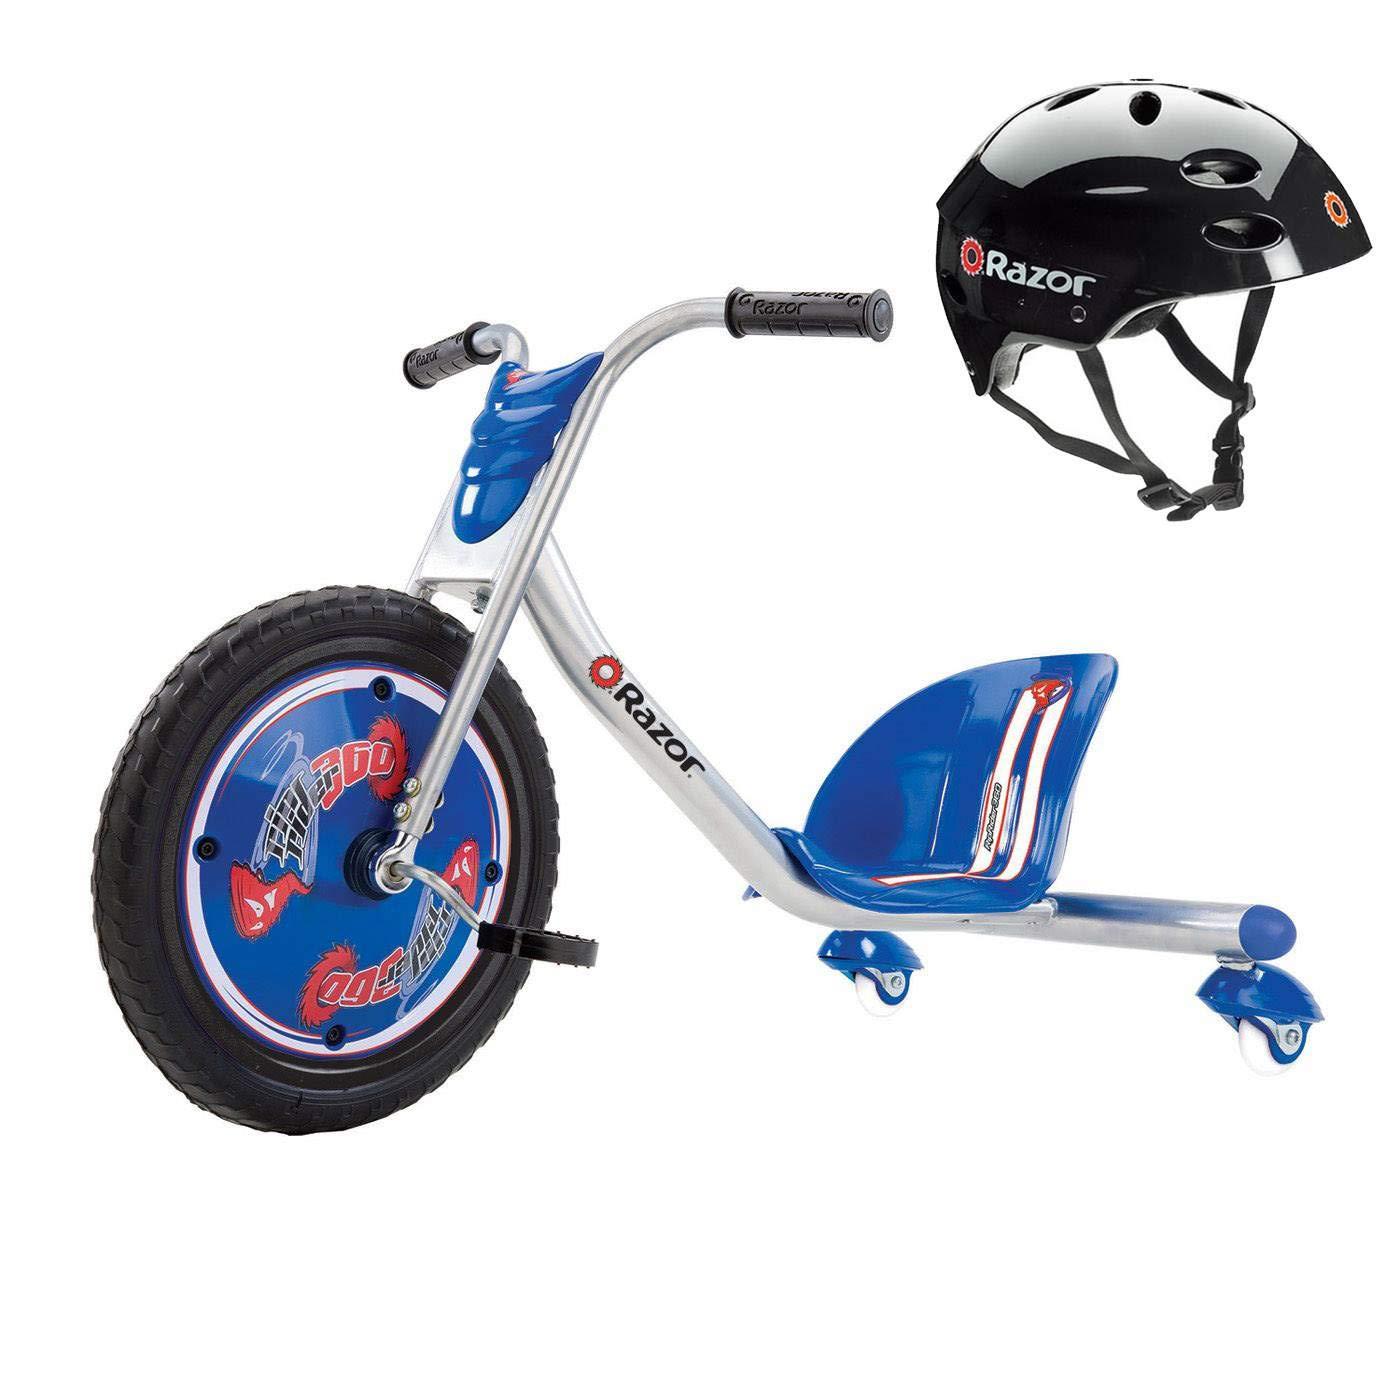 Amazon.com: Razor Rip Rider 360 Triciclo & Deporte Juvenil ...